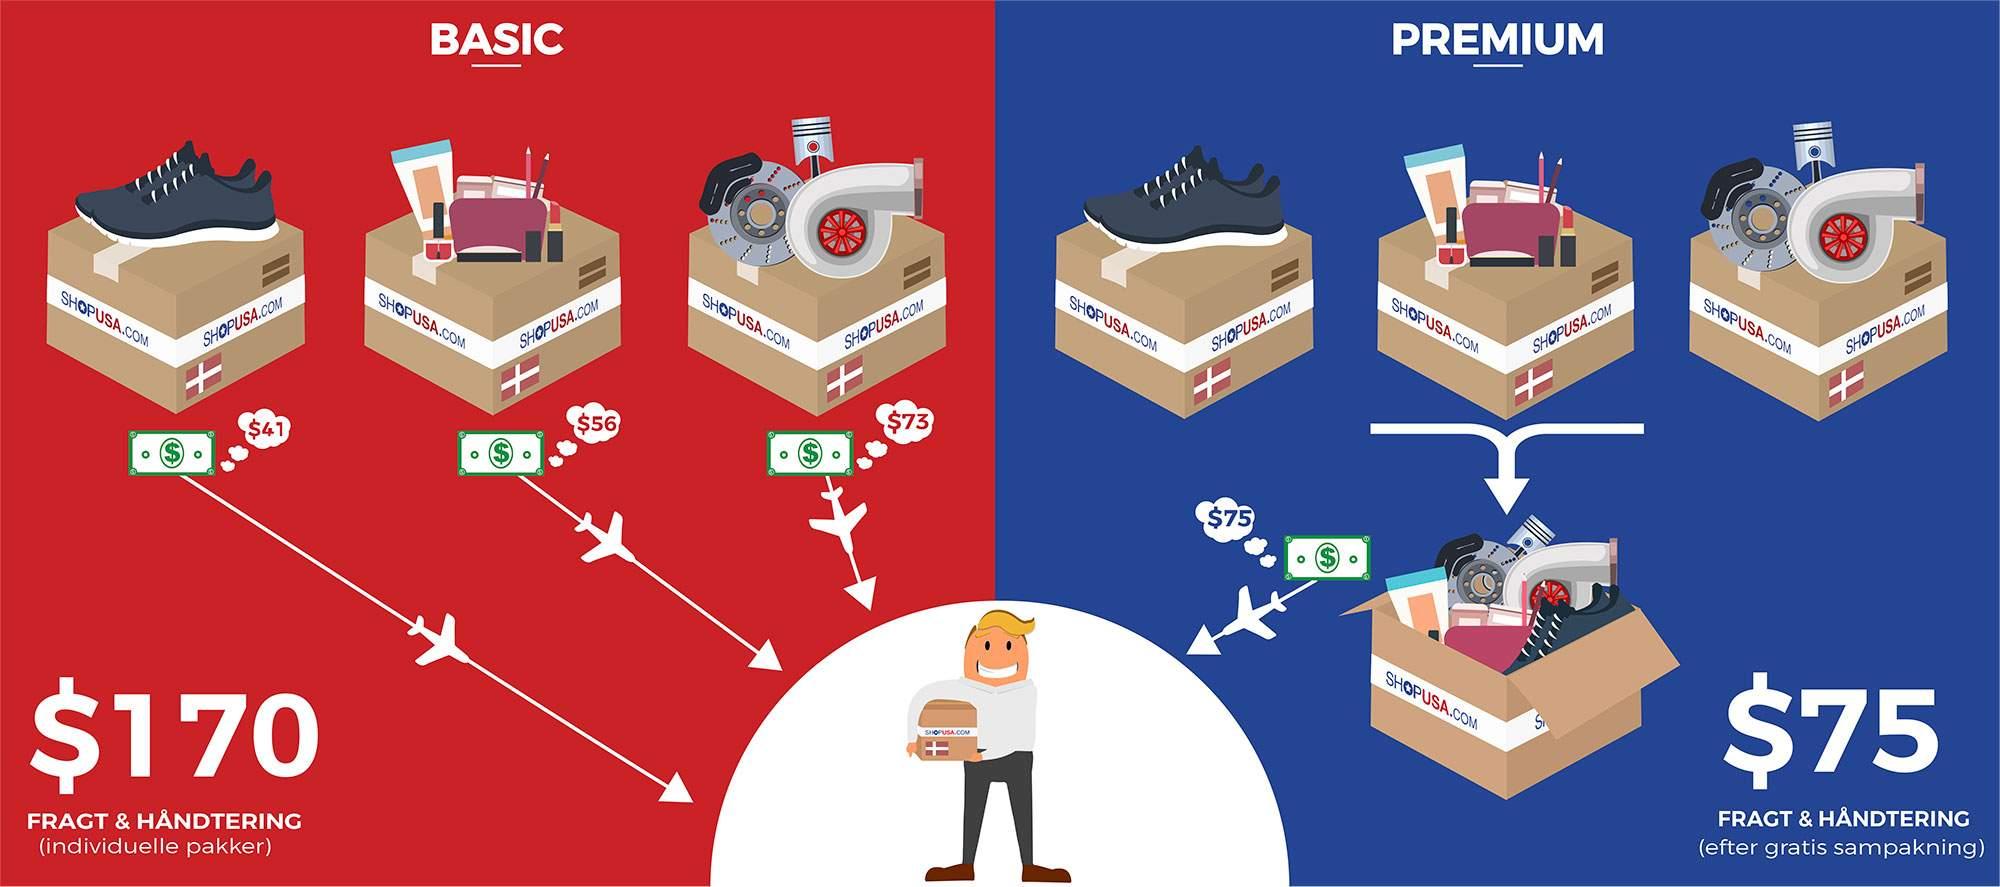 Sampakning og multipakkerabat med ShopUSA